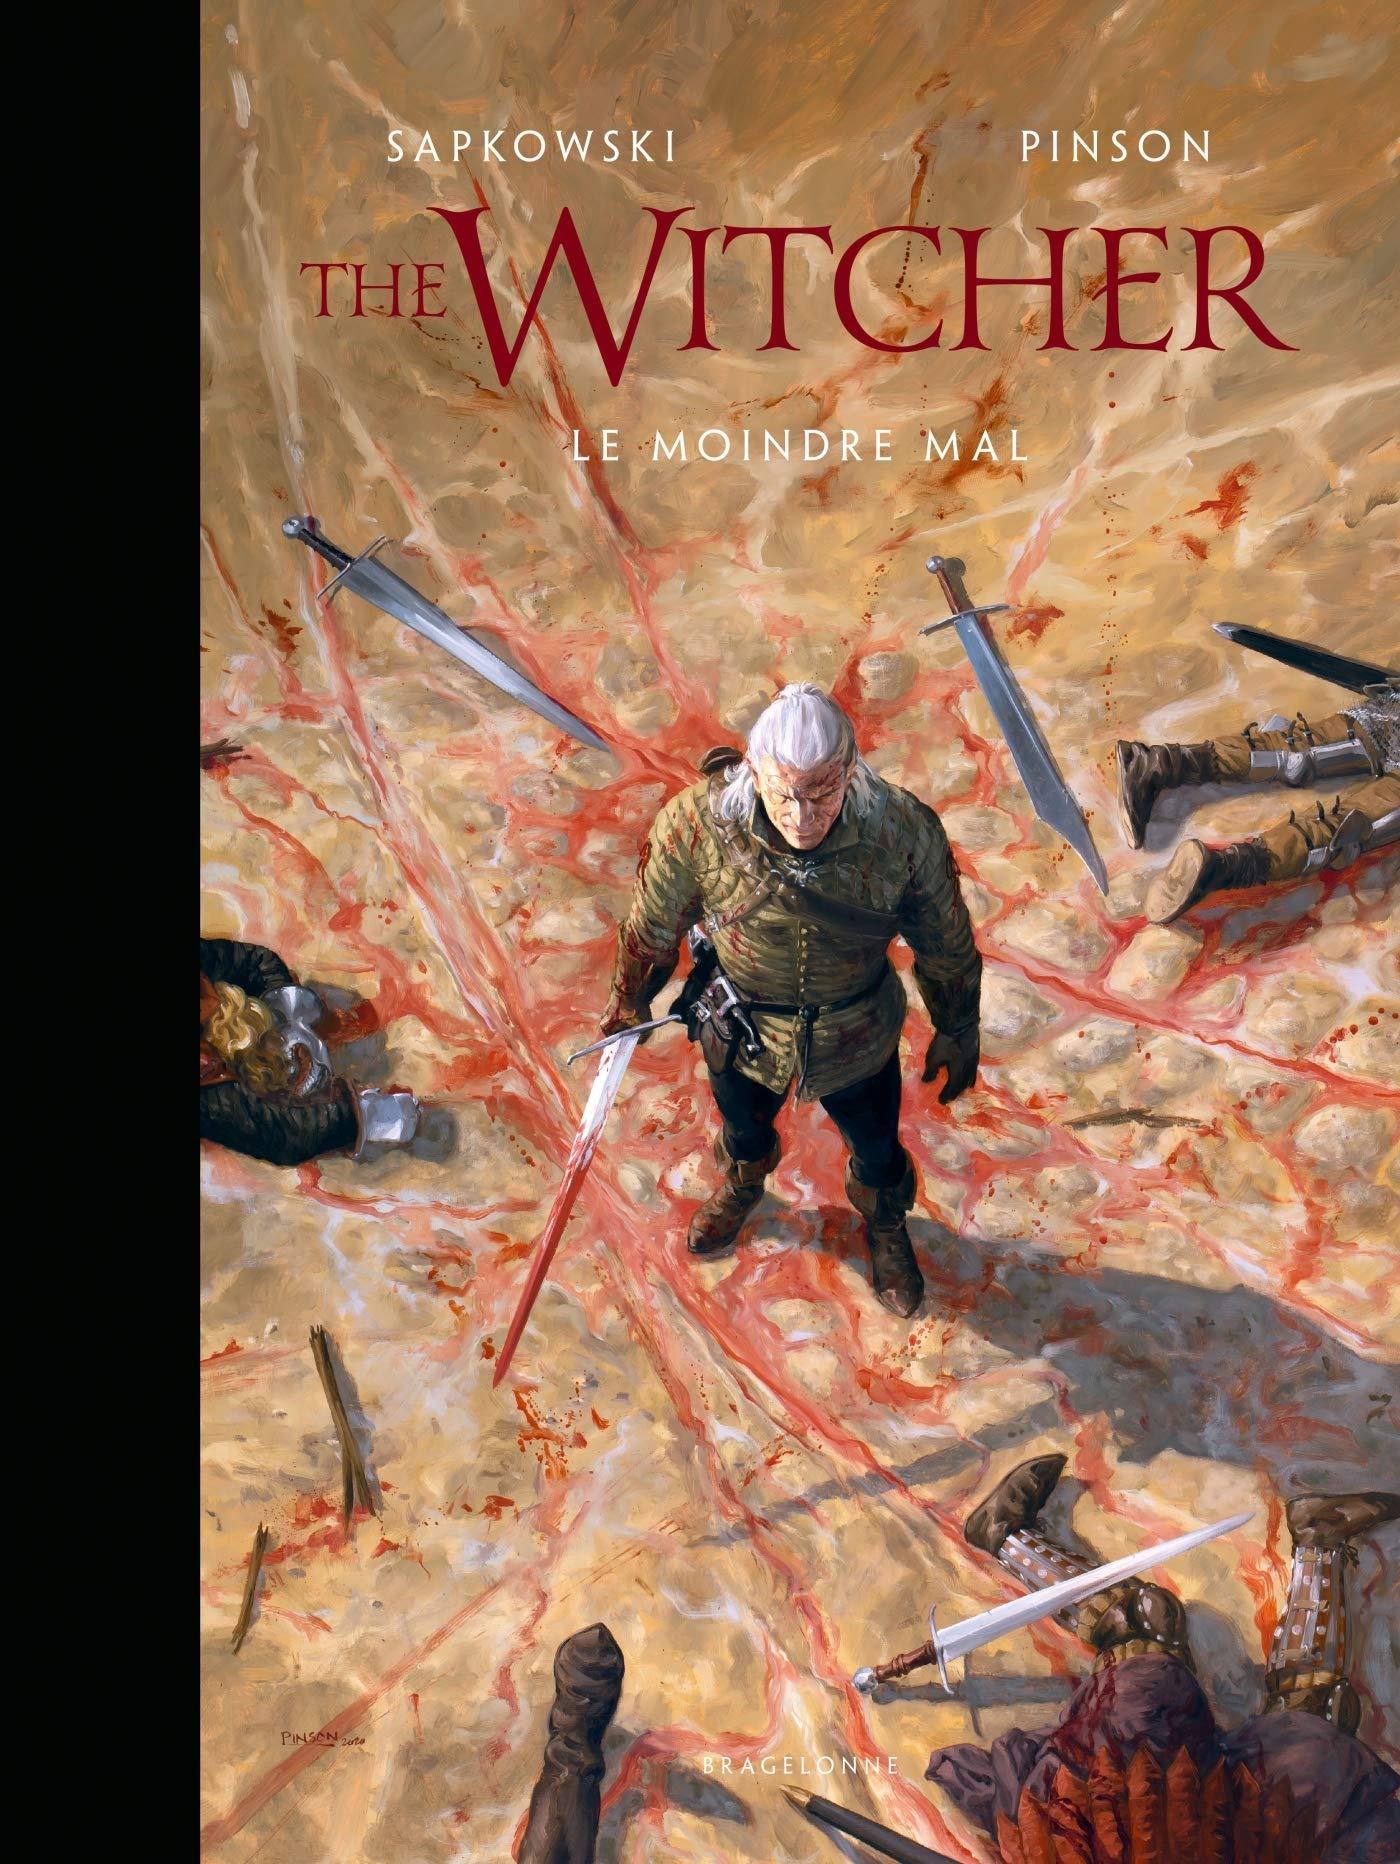 L'Univers du Sorceleur – The Witcher illustré : Le moindre mal / The Witcher